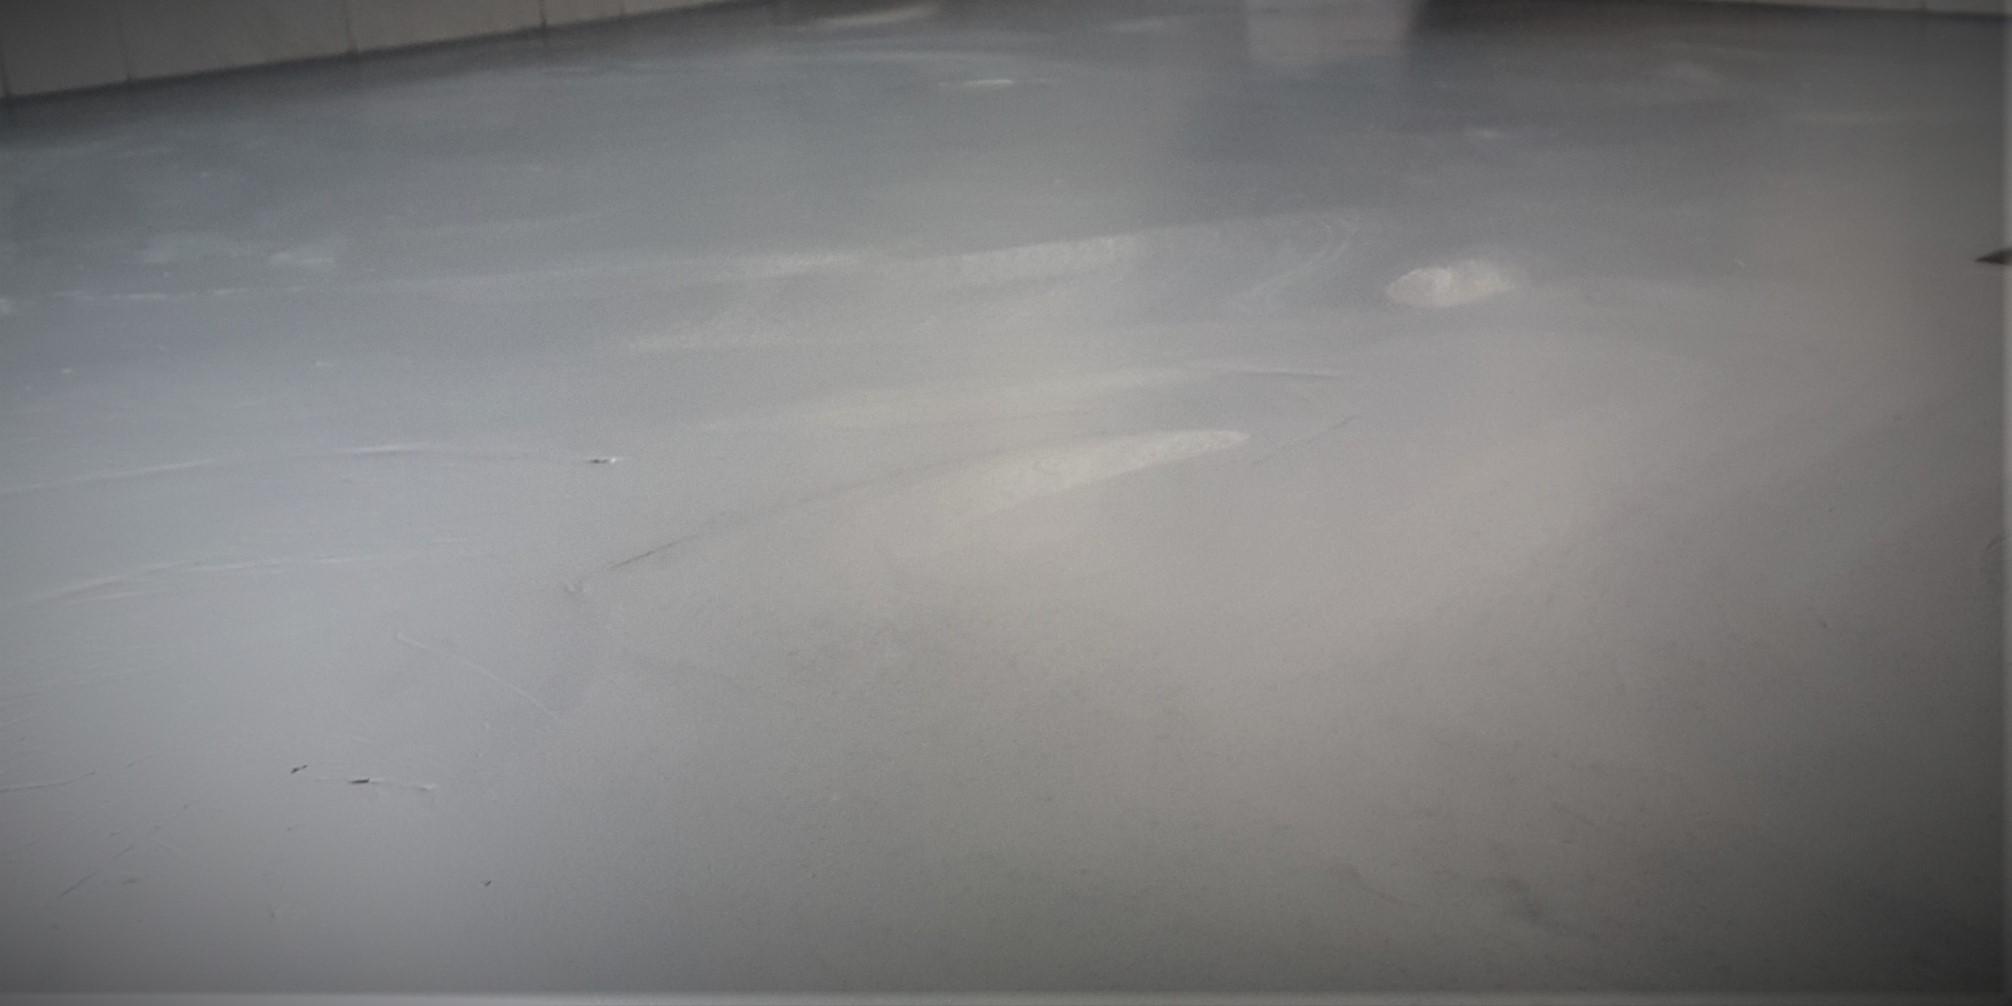 Fugenloser Fußboden - zweifarbiger Farbverlauf